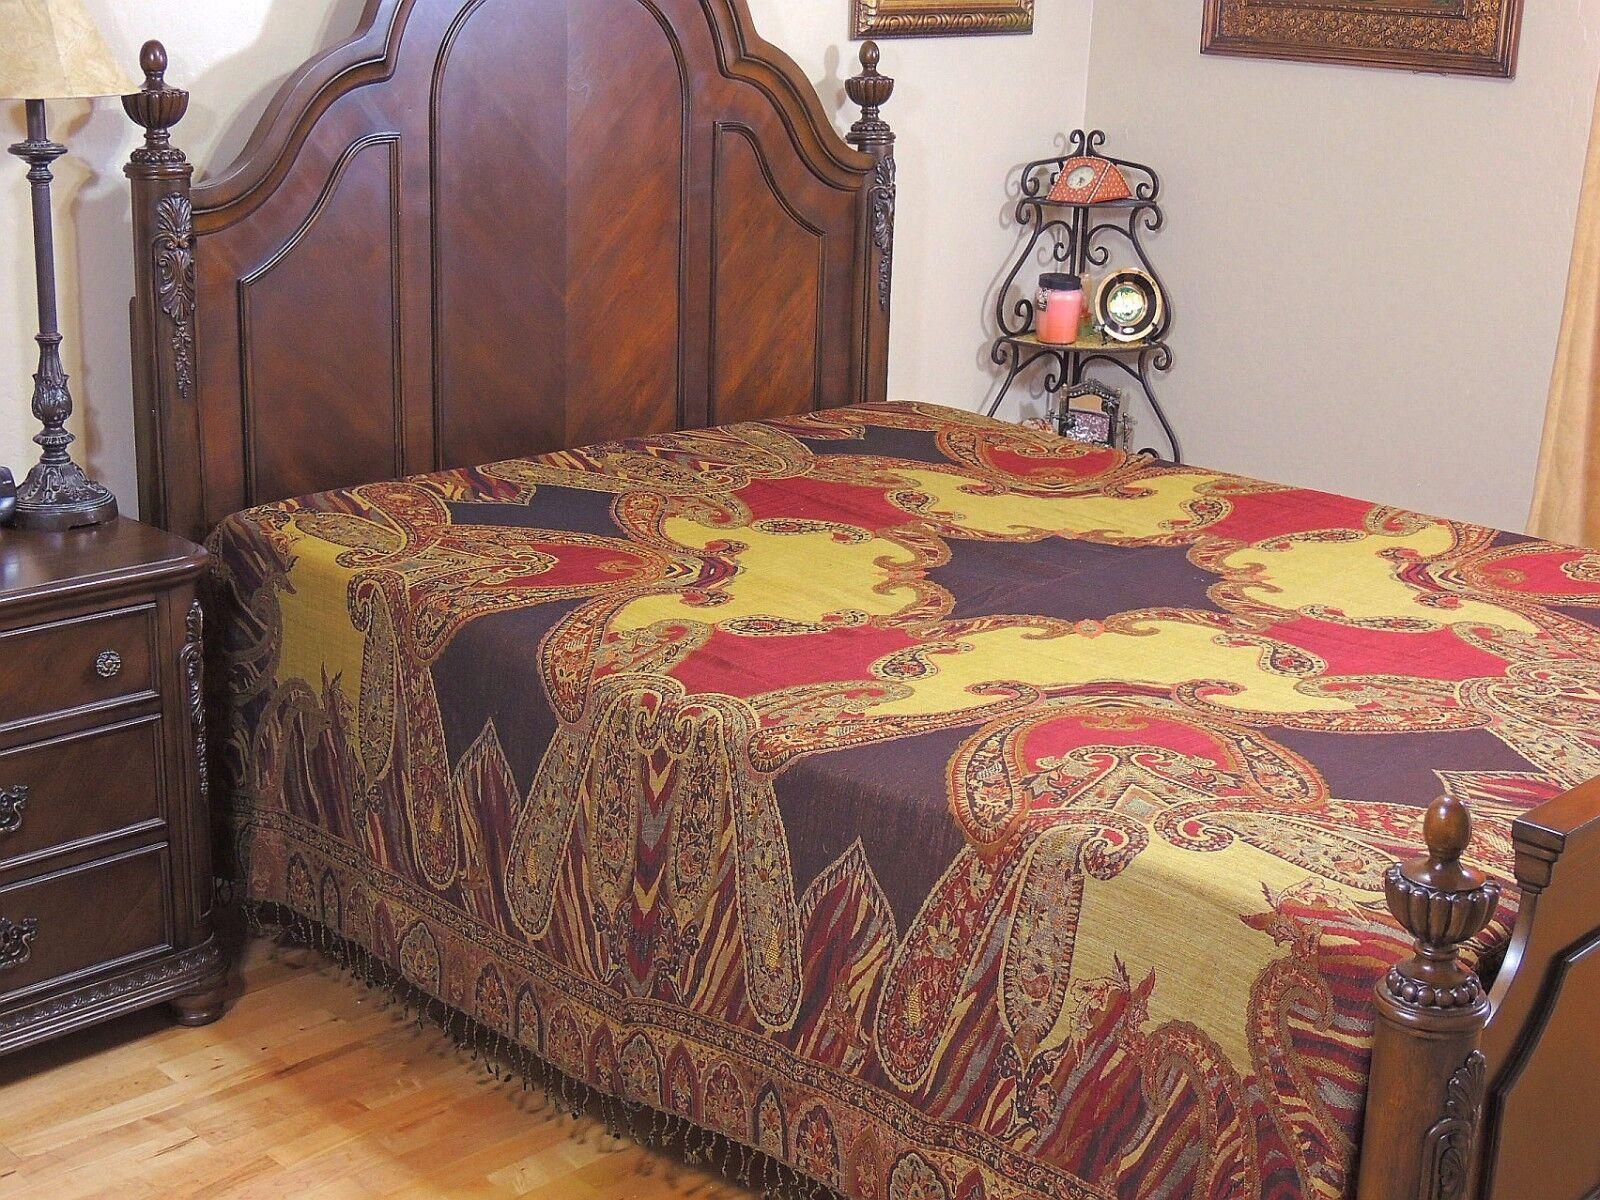 Multicolor Ethnic Kashmir Paisley Gulzar Wool Bedspread Cozy Queen Coverlet